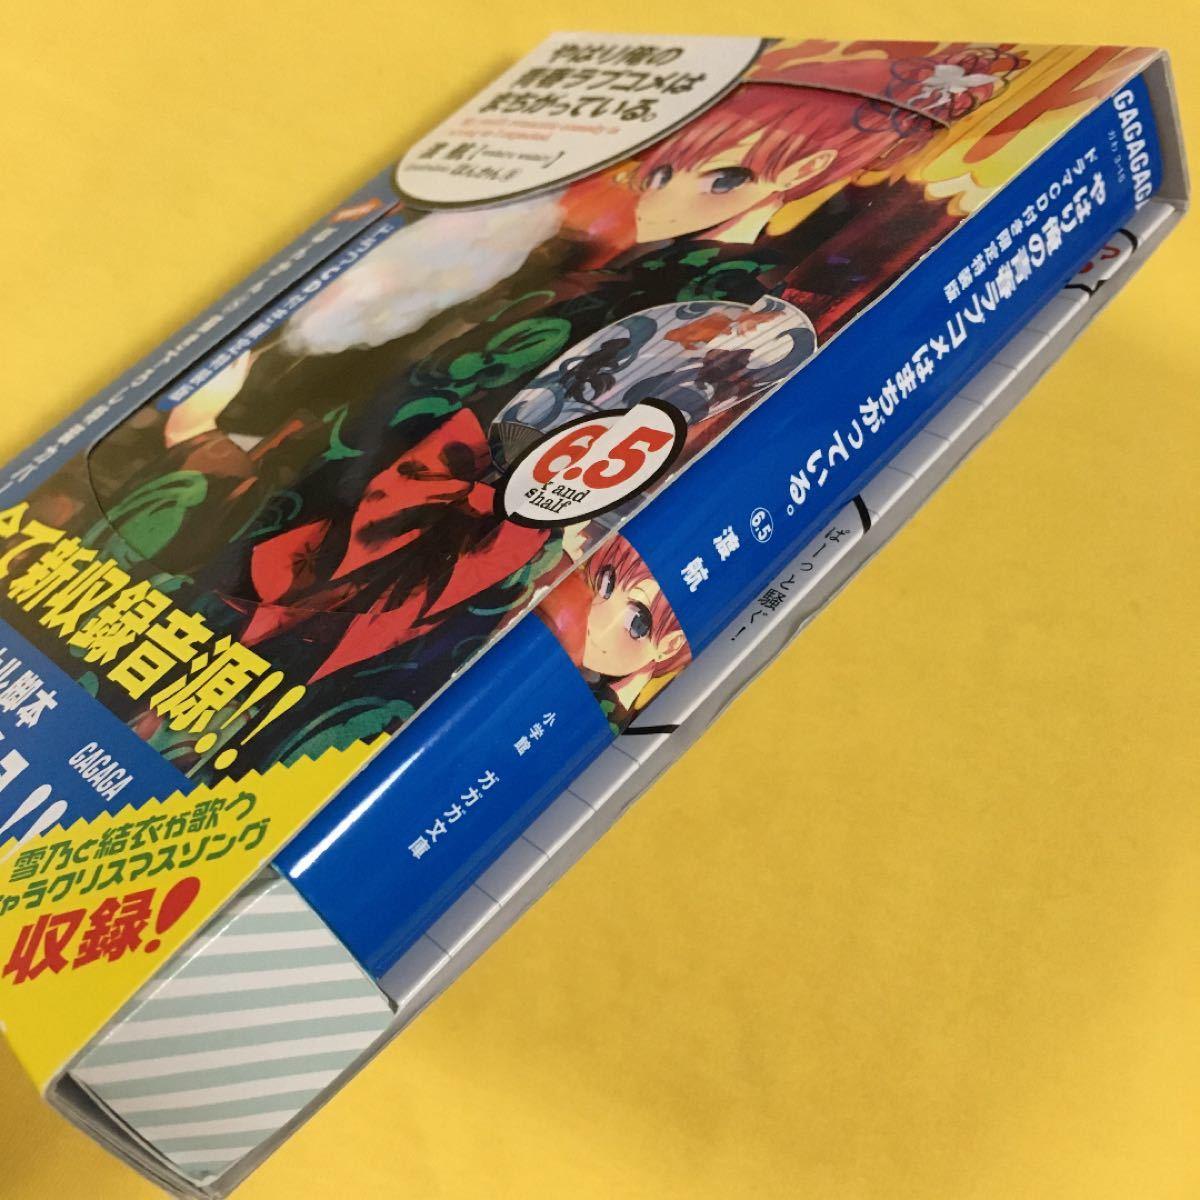 やはり俺の青春ラブコメはまちがっている。6.5巻 ドラマCD付き限定特装版